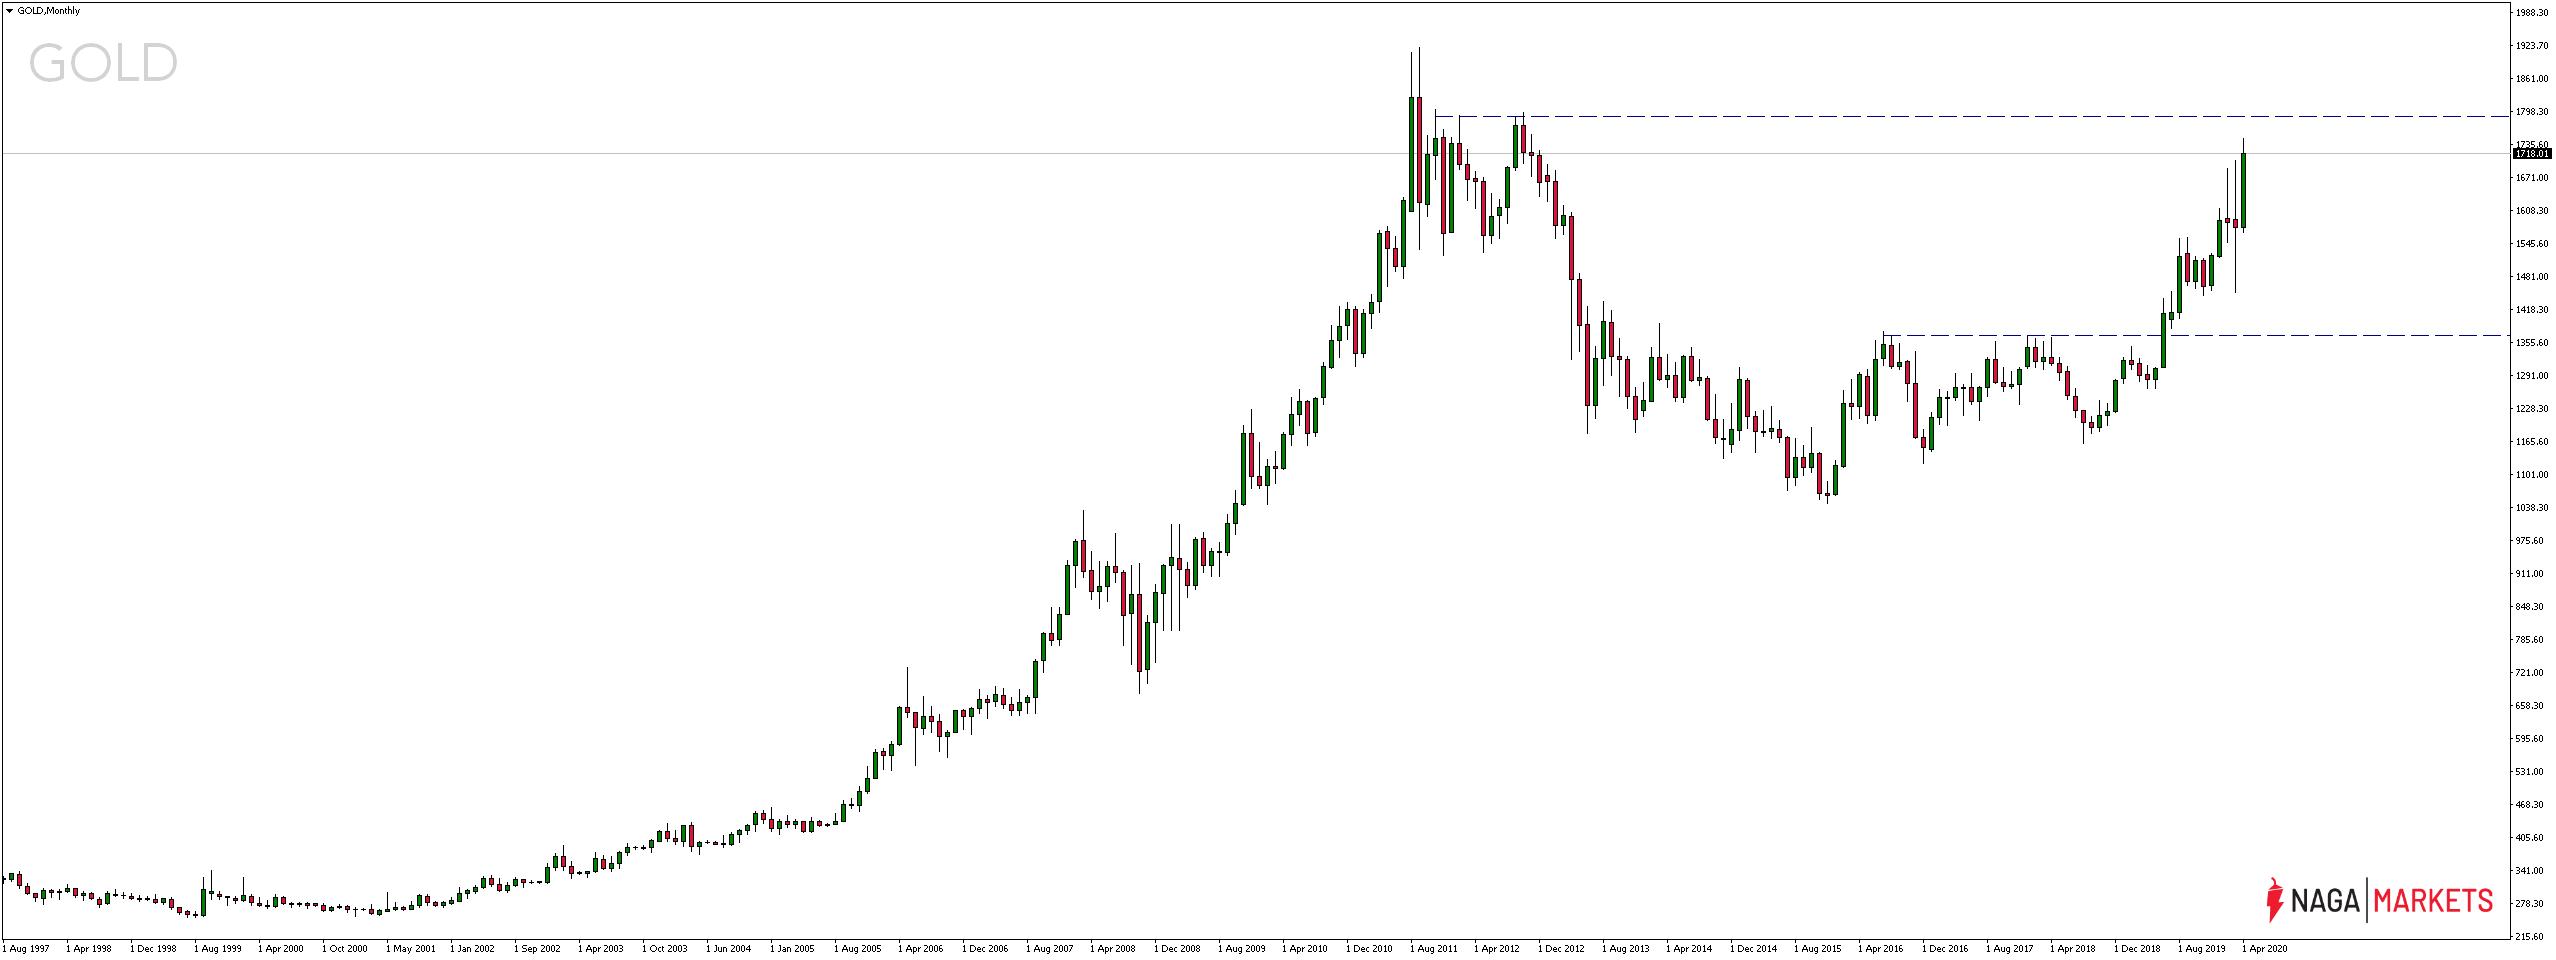 Cena złota najwyżej od listopada 2012 r. XAU/USD rośnie o 9%